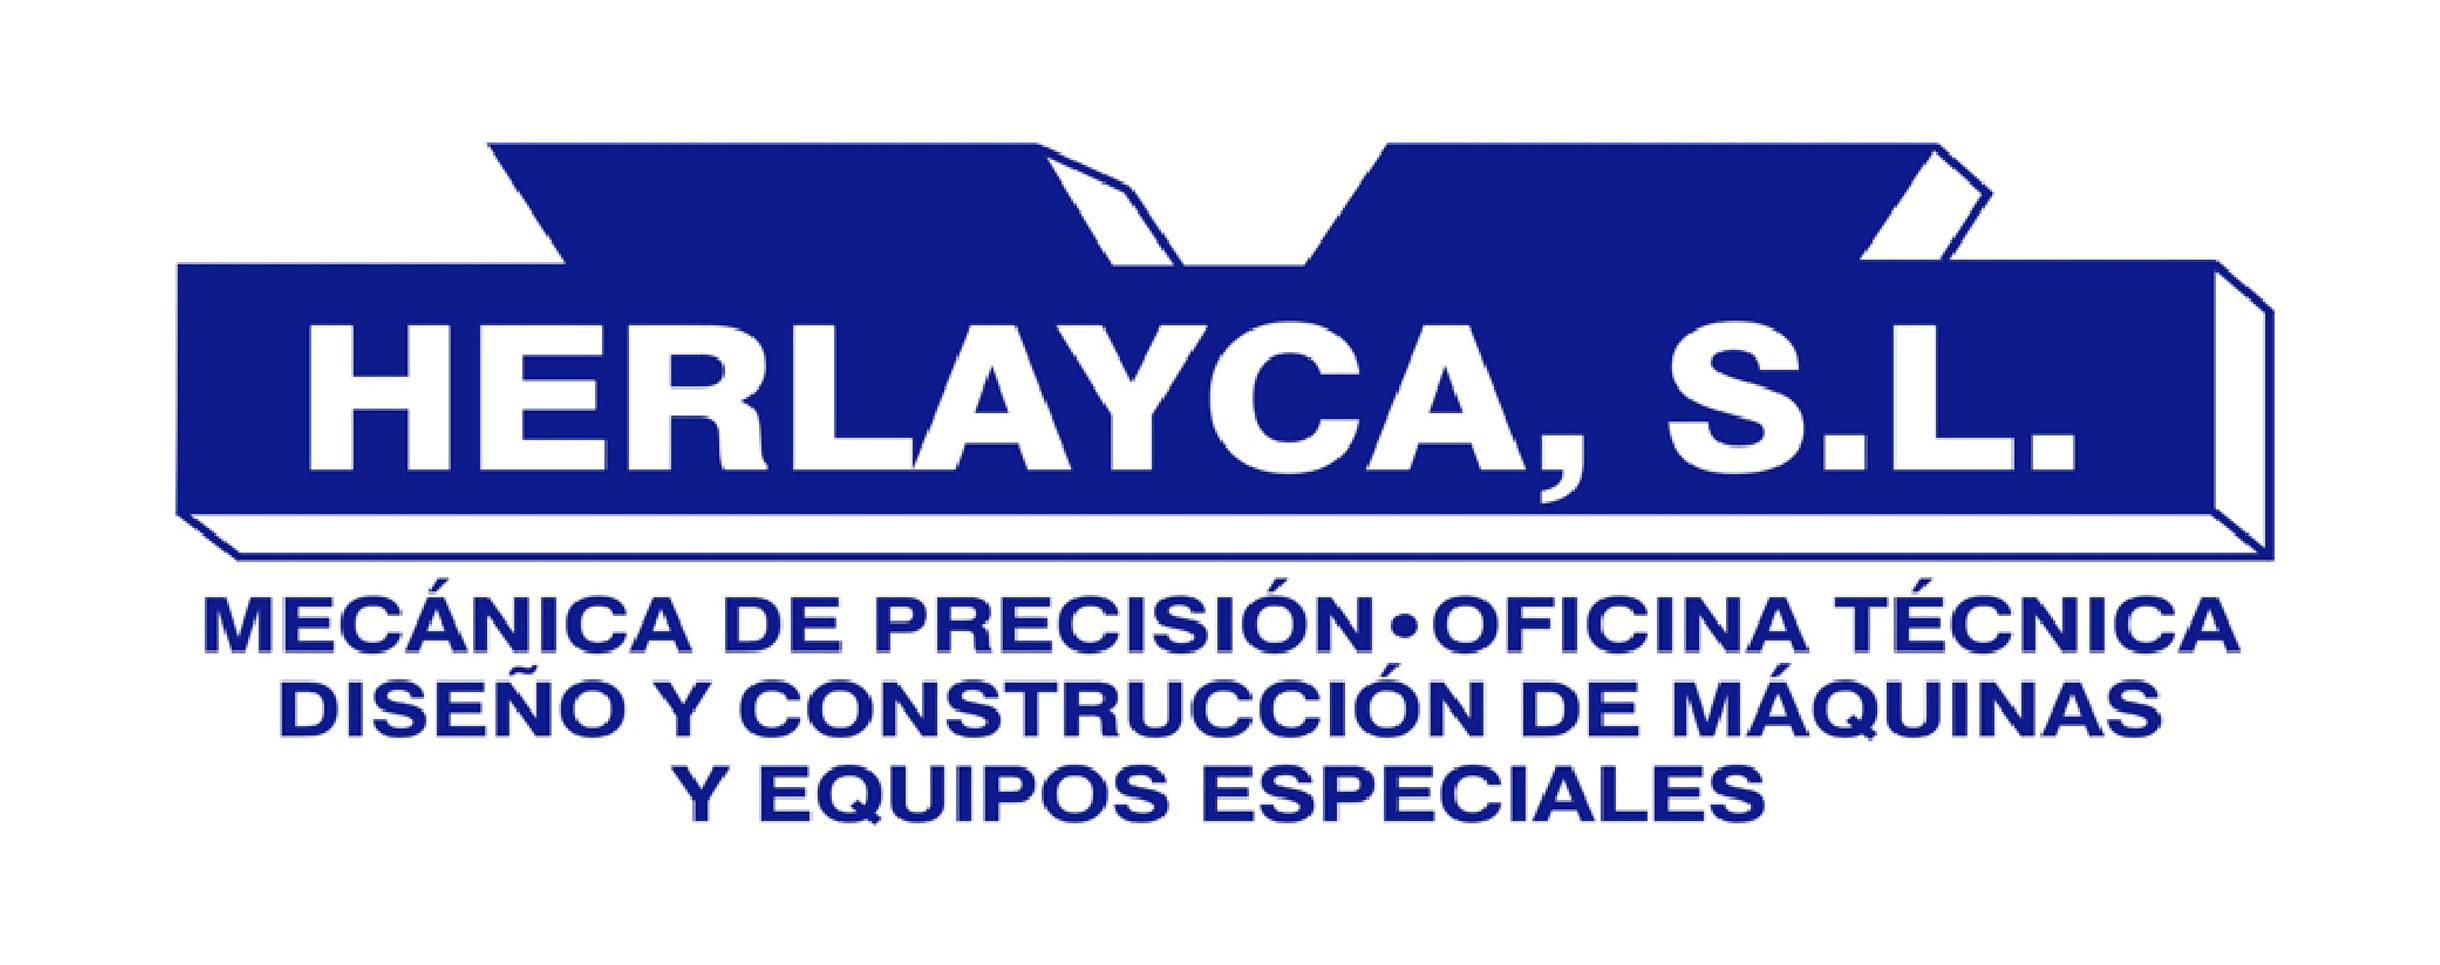 Herlayca, S.L.